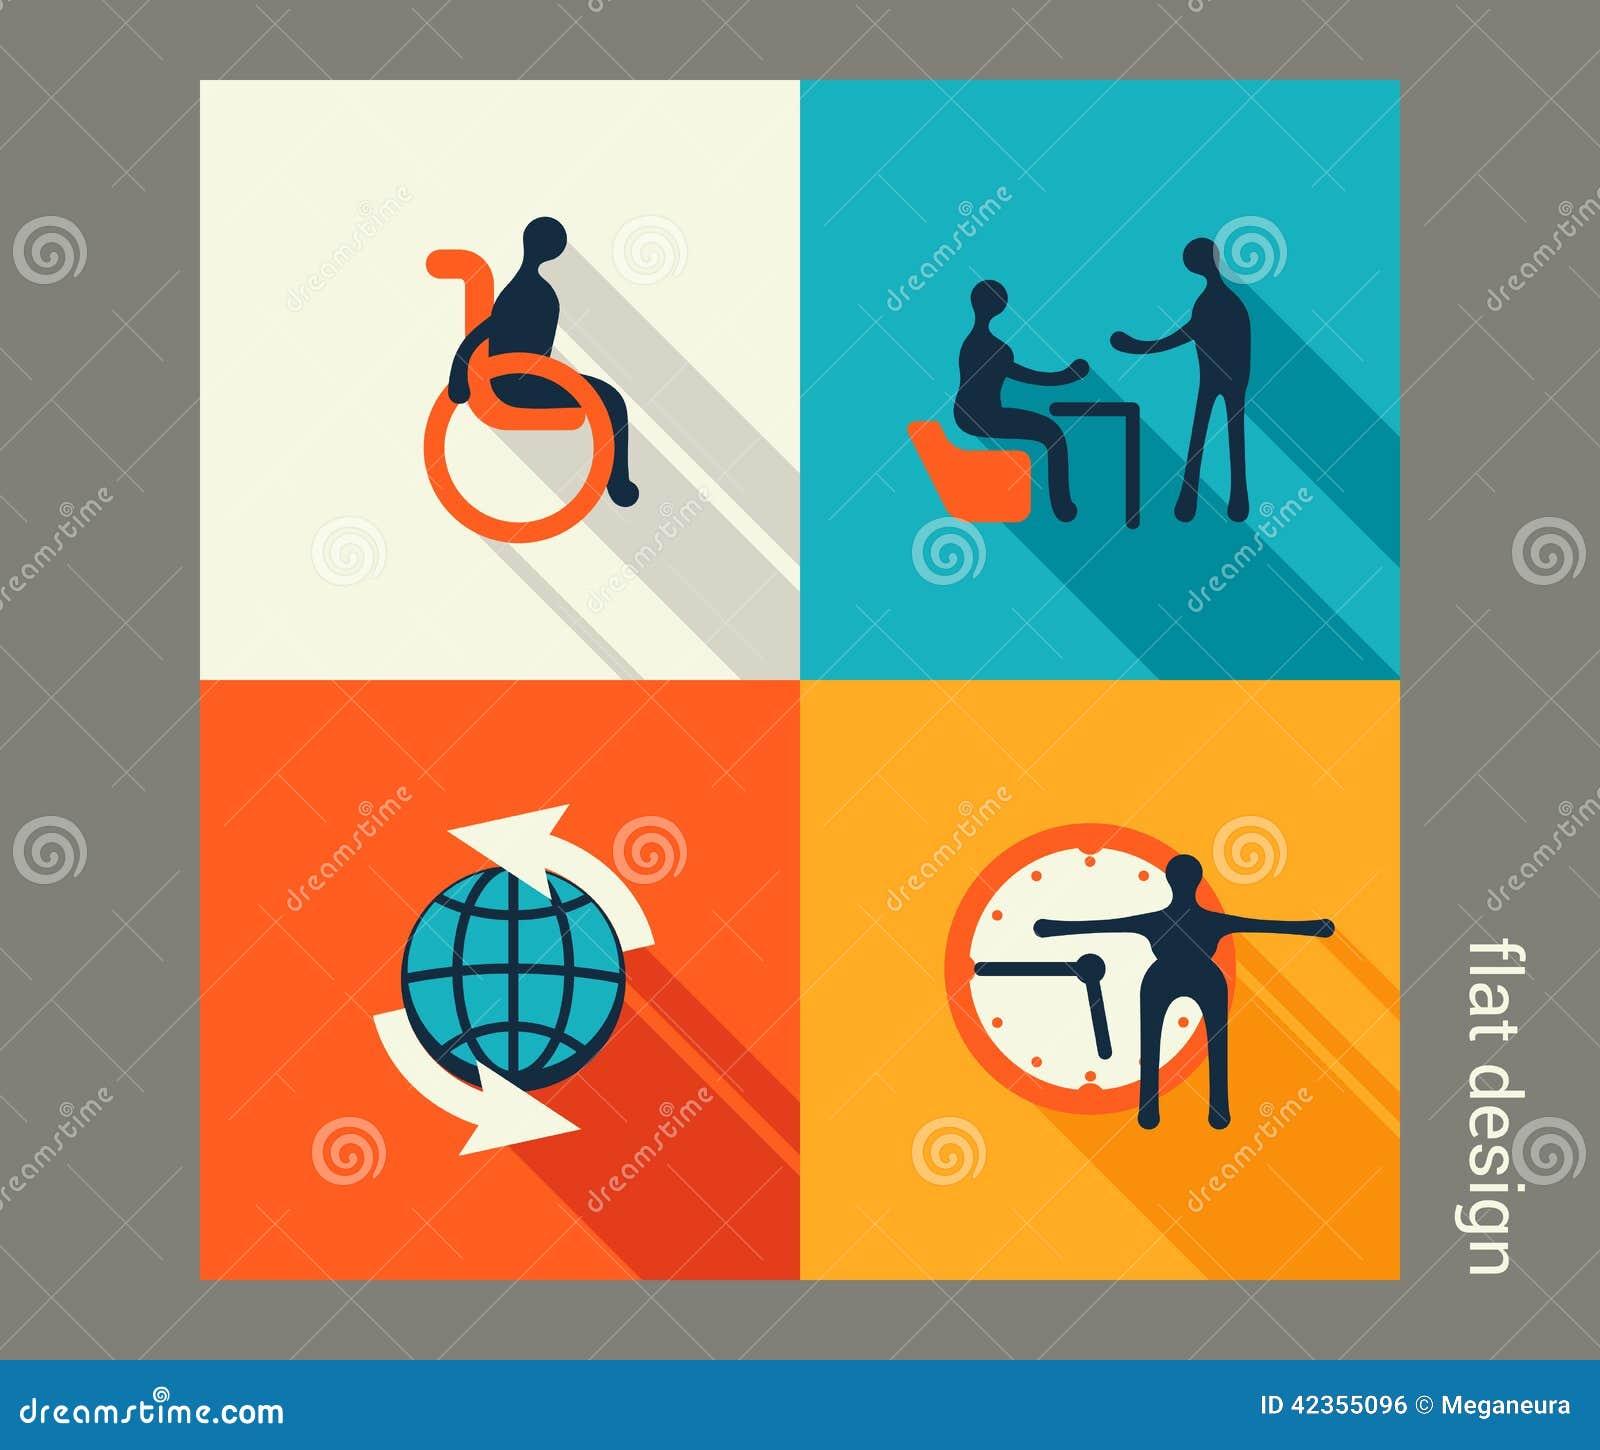 För dig design Sjukvård medicin, diagnostik Plan desig